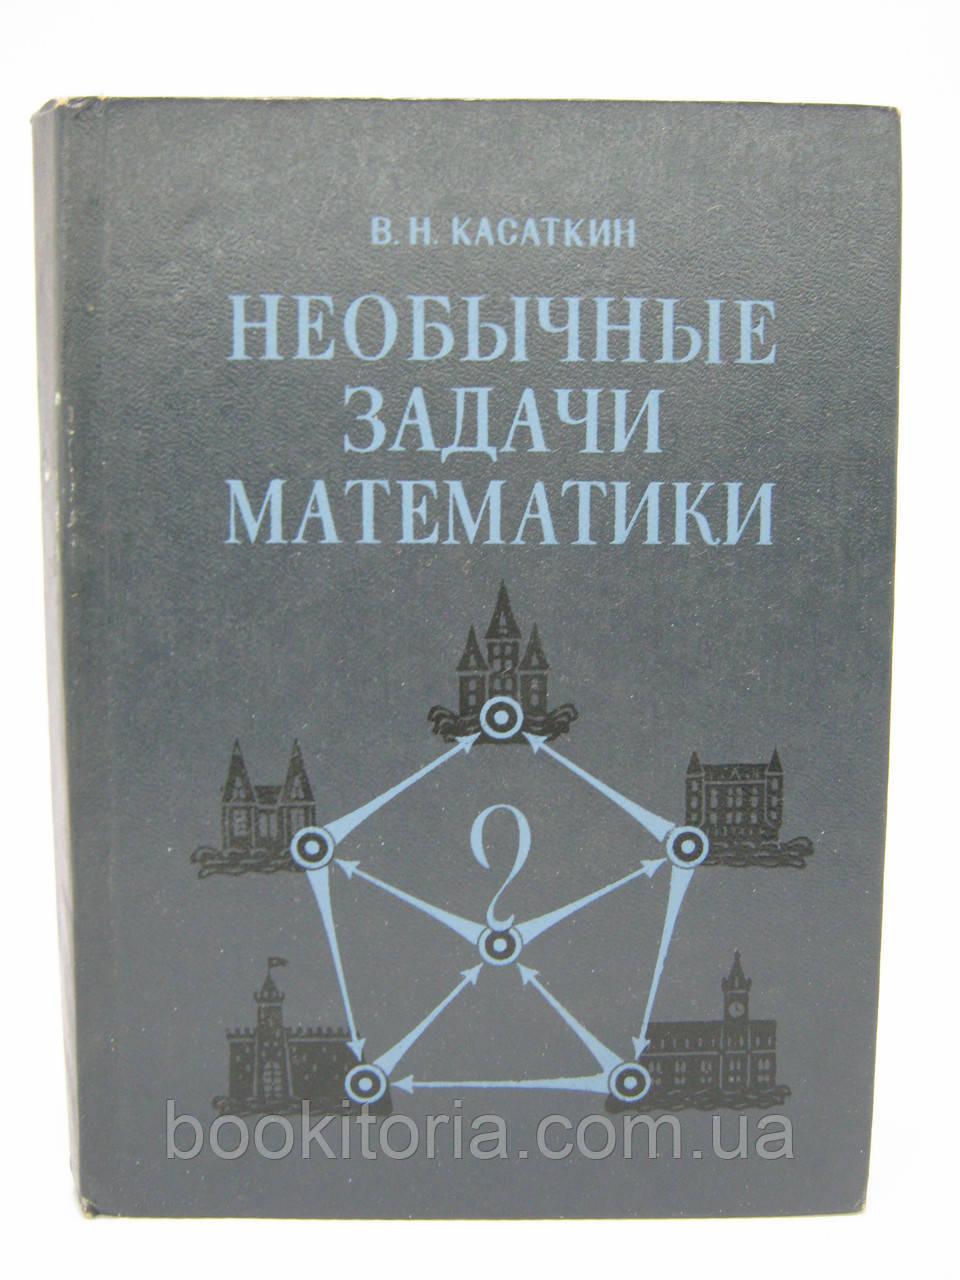 Касаткин В.Н. Необычные задачи математики (б/у).